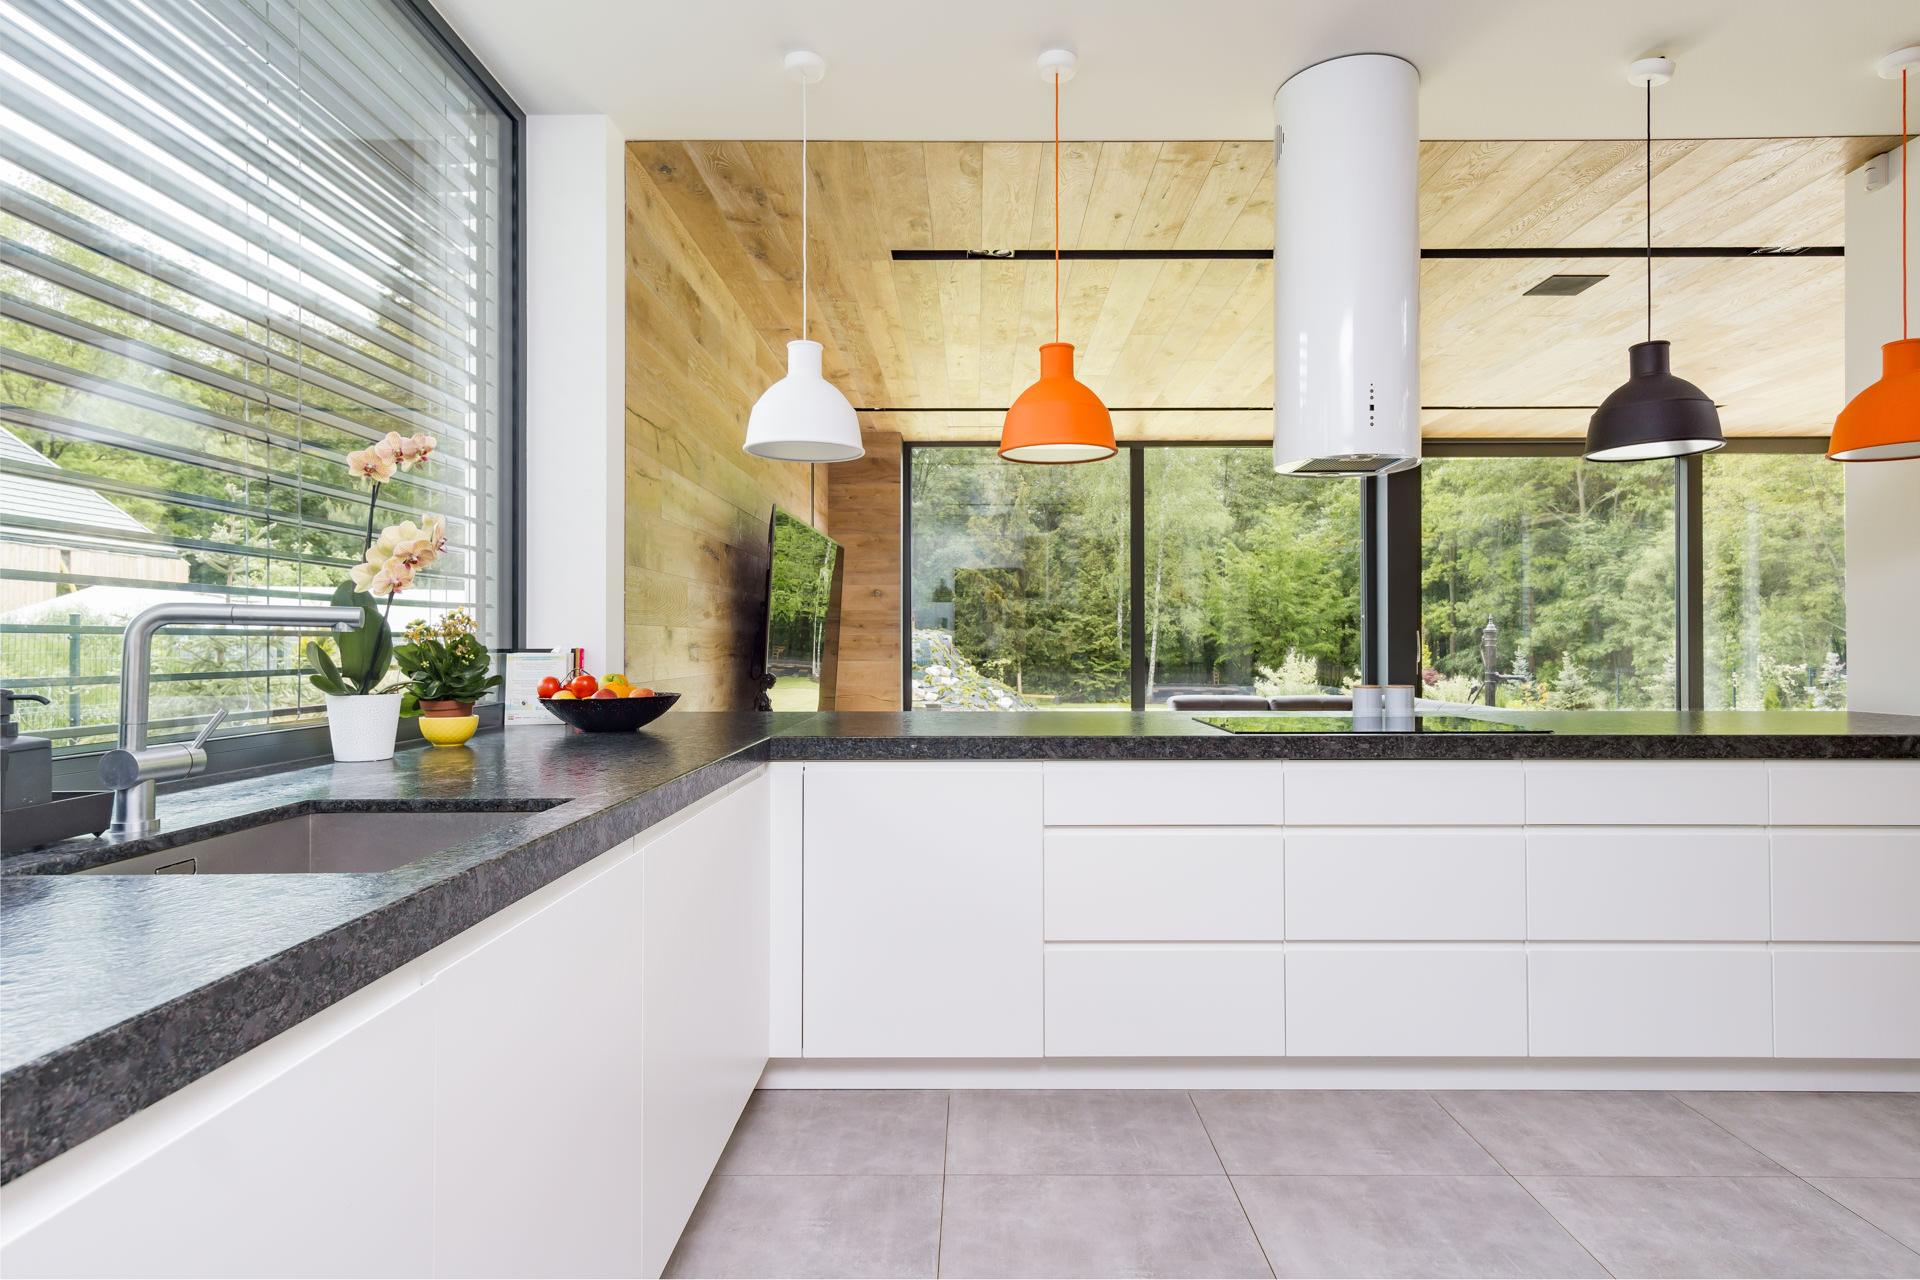 nowoczesny-luksusowy-dom-zdjecia-do-sprzedazy (6)